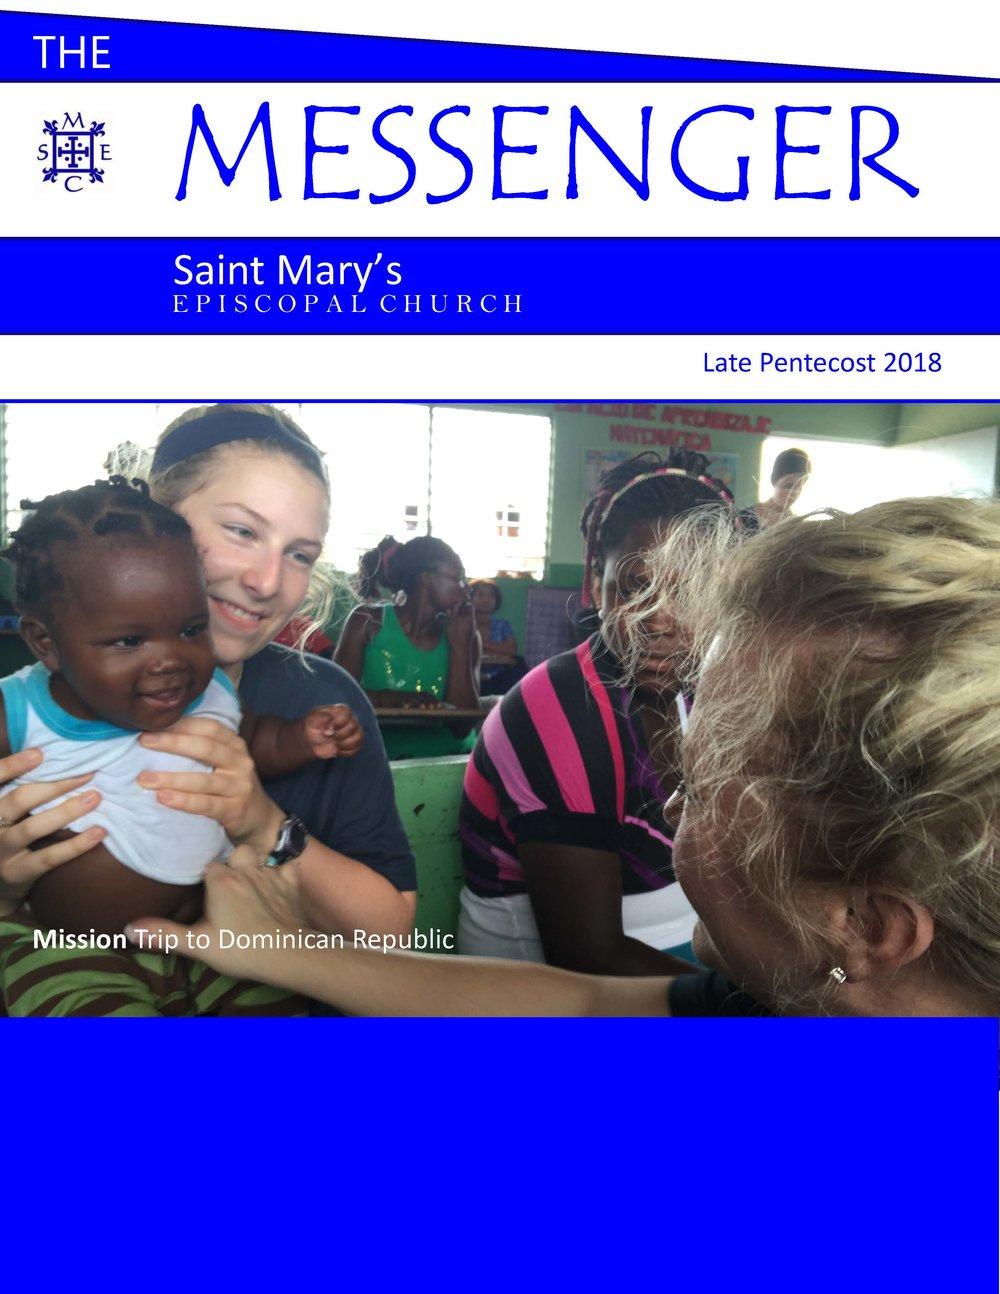 Messenger Late Pentecost 2018 Cover.jpg